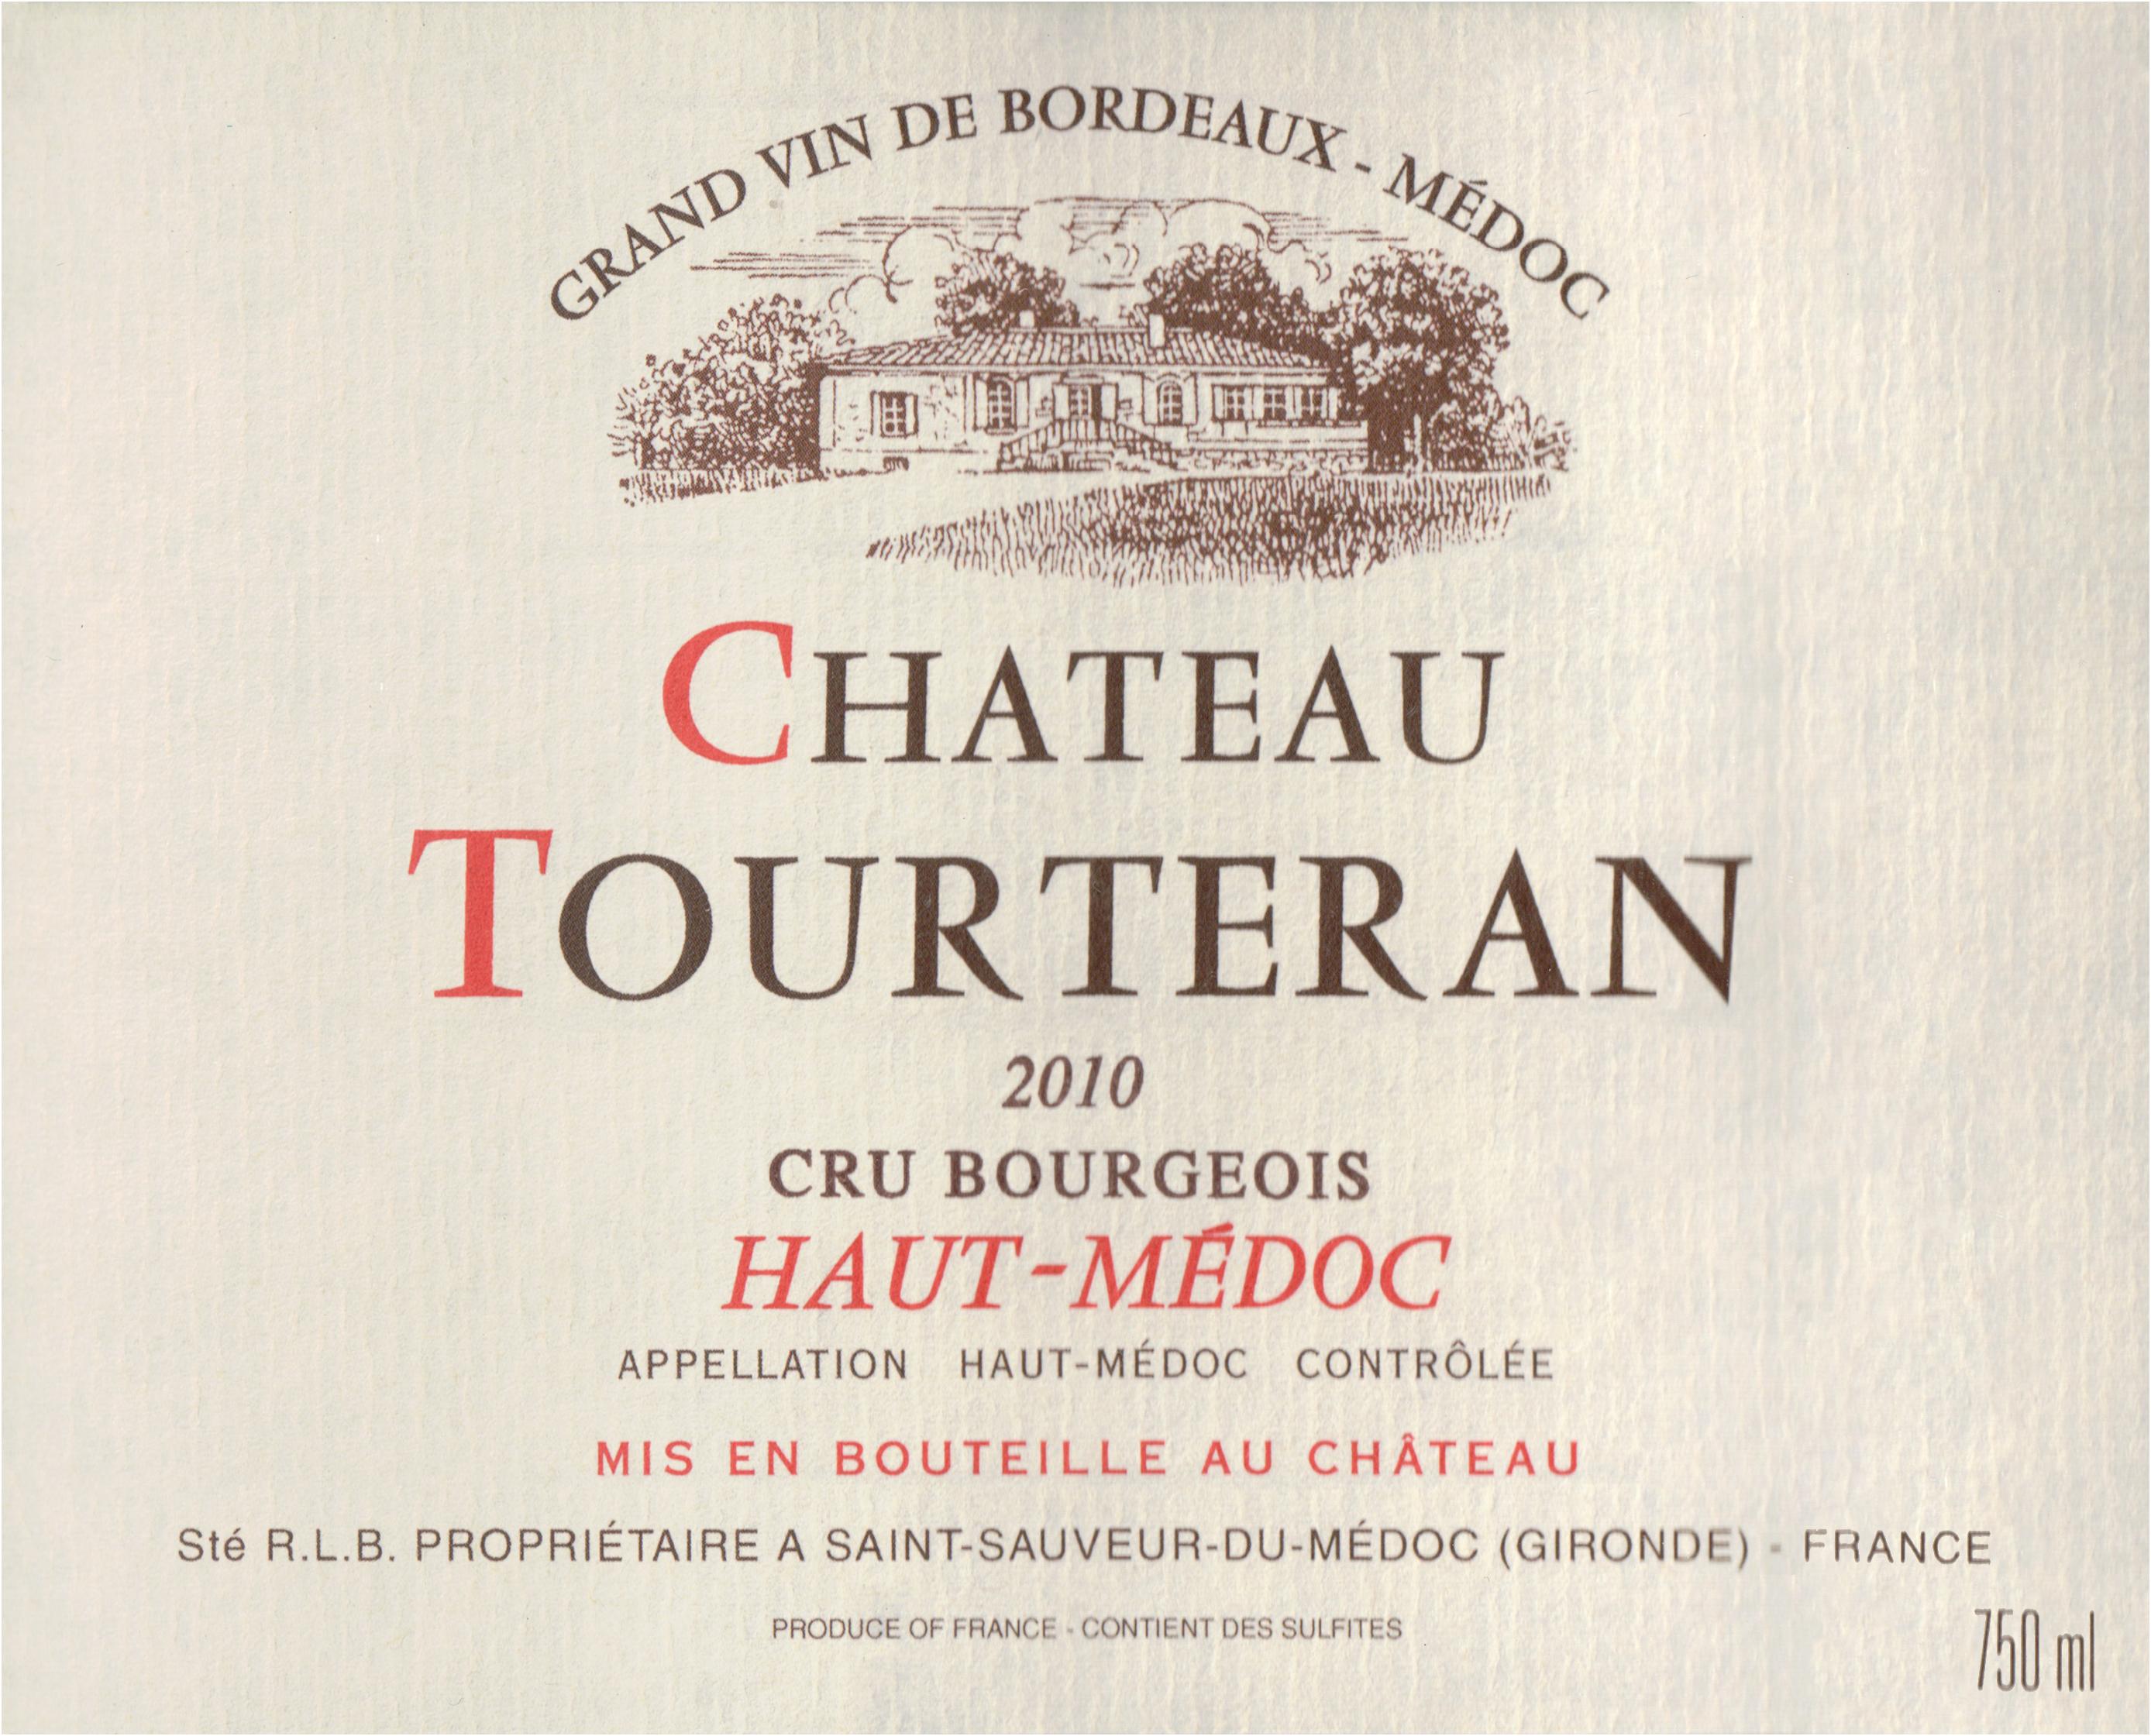 Chateau Tourteran 2010